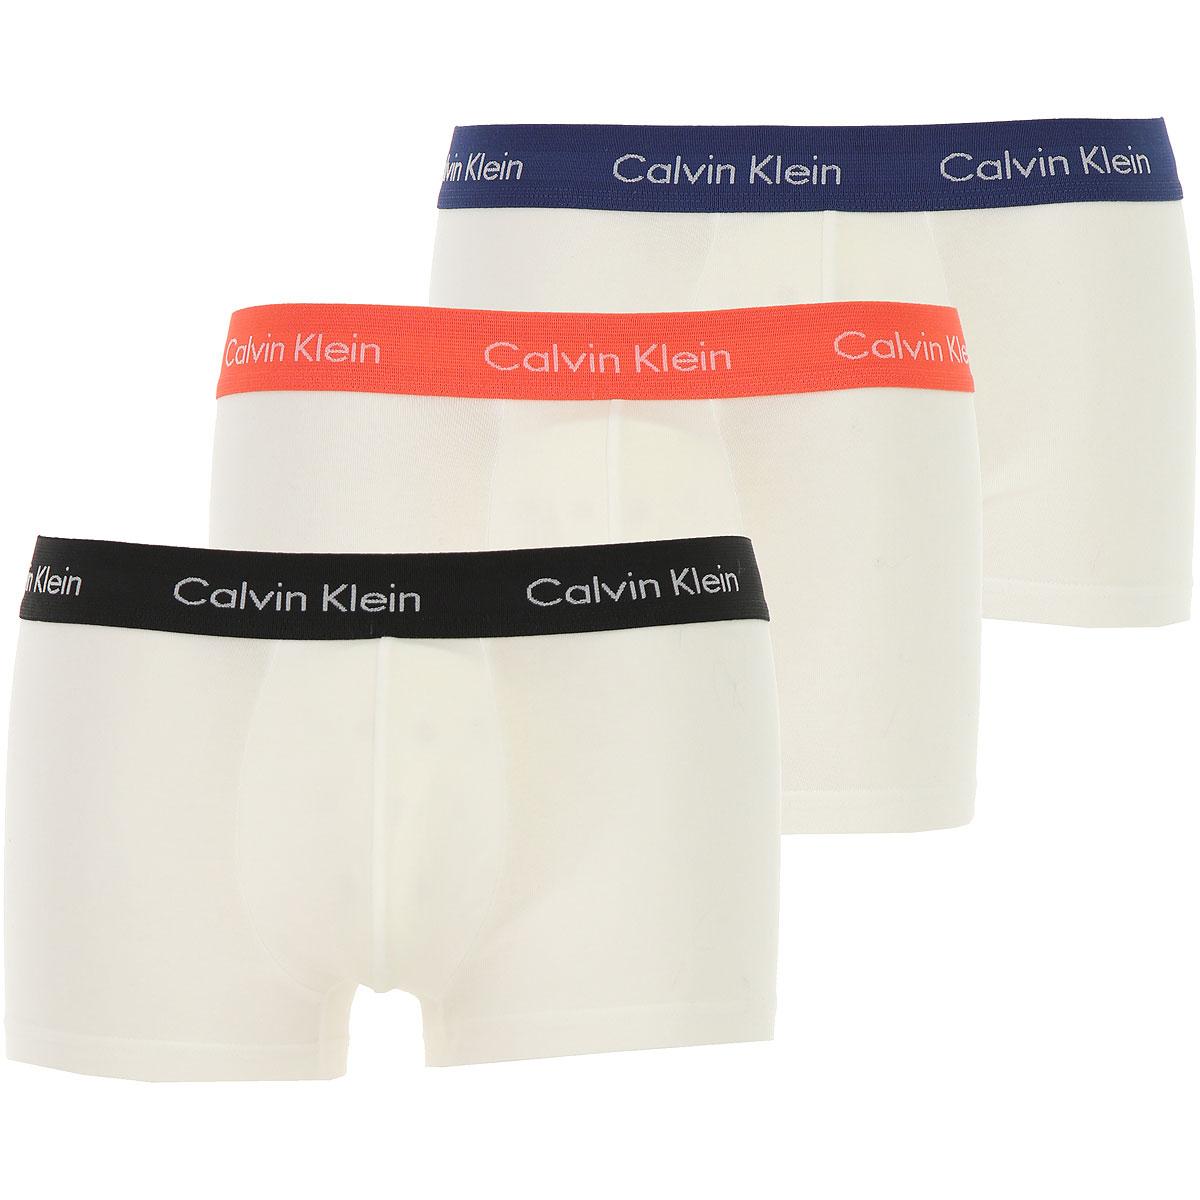 Calvin Klein Boxer Briefs for Men, Boxers, White, Cotton, 2019, XS (EU 2) S (EU 3) M (EU 4)